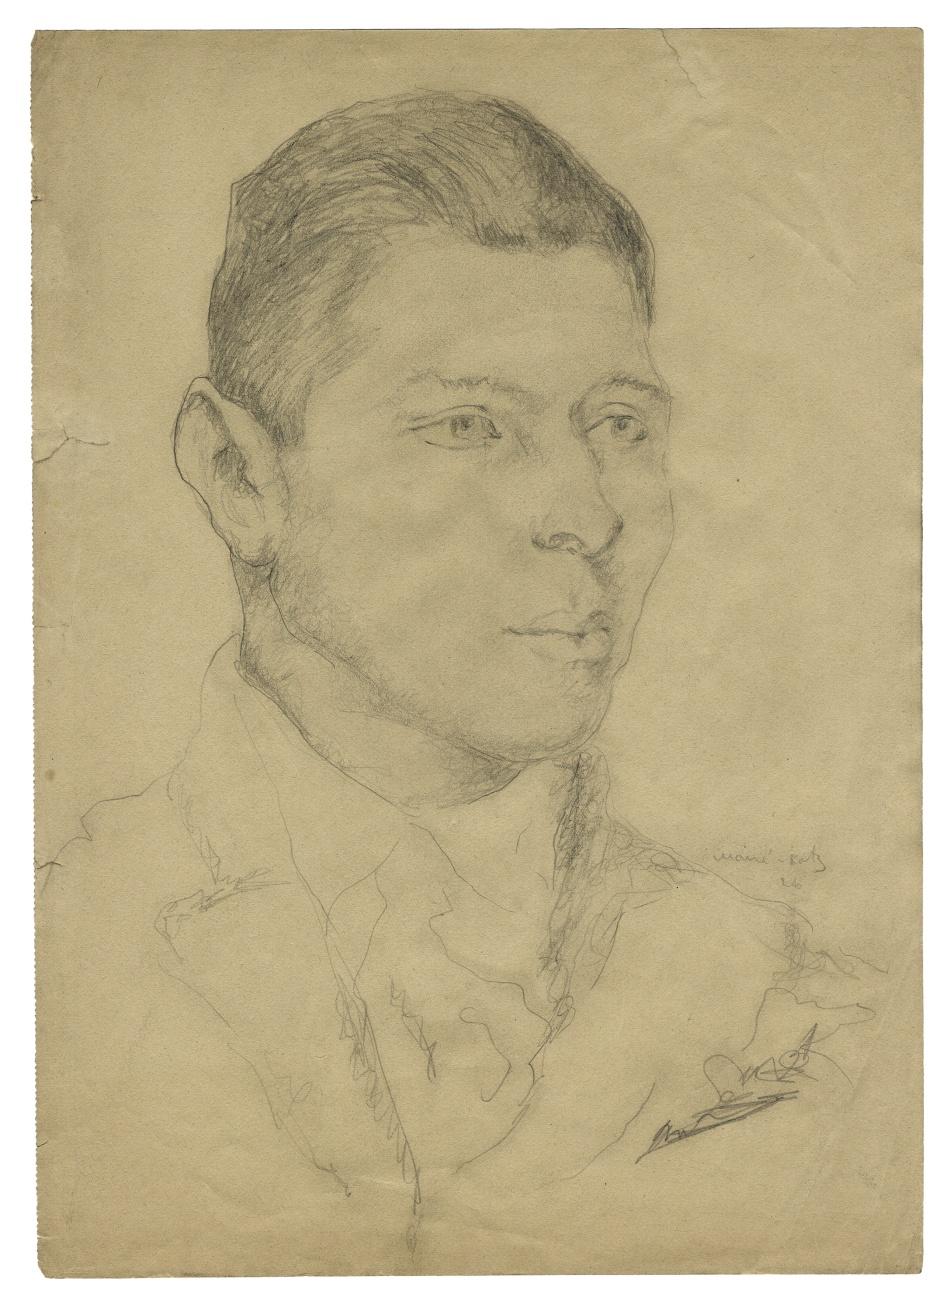 Portrét malíře Chaima Soutina (1893–1943)